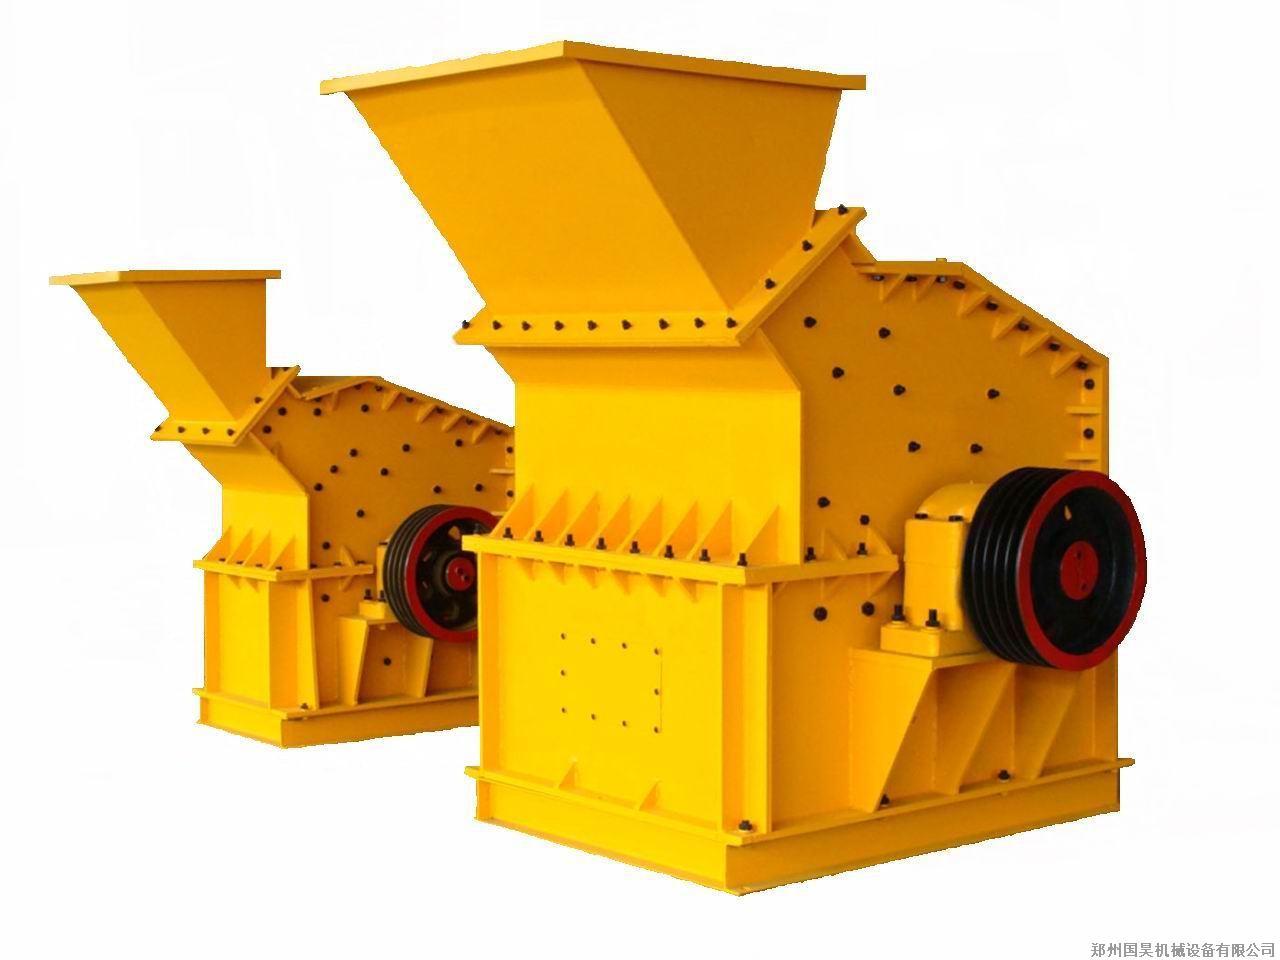 石英砂制砂机产品研发精细化决胜未来(未来机械)